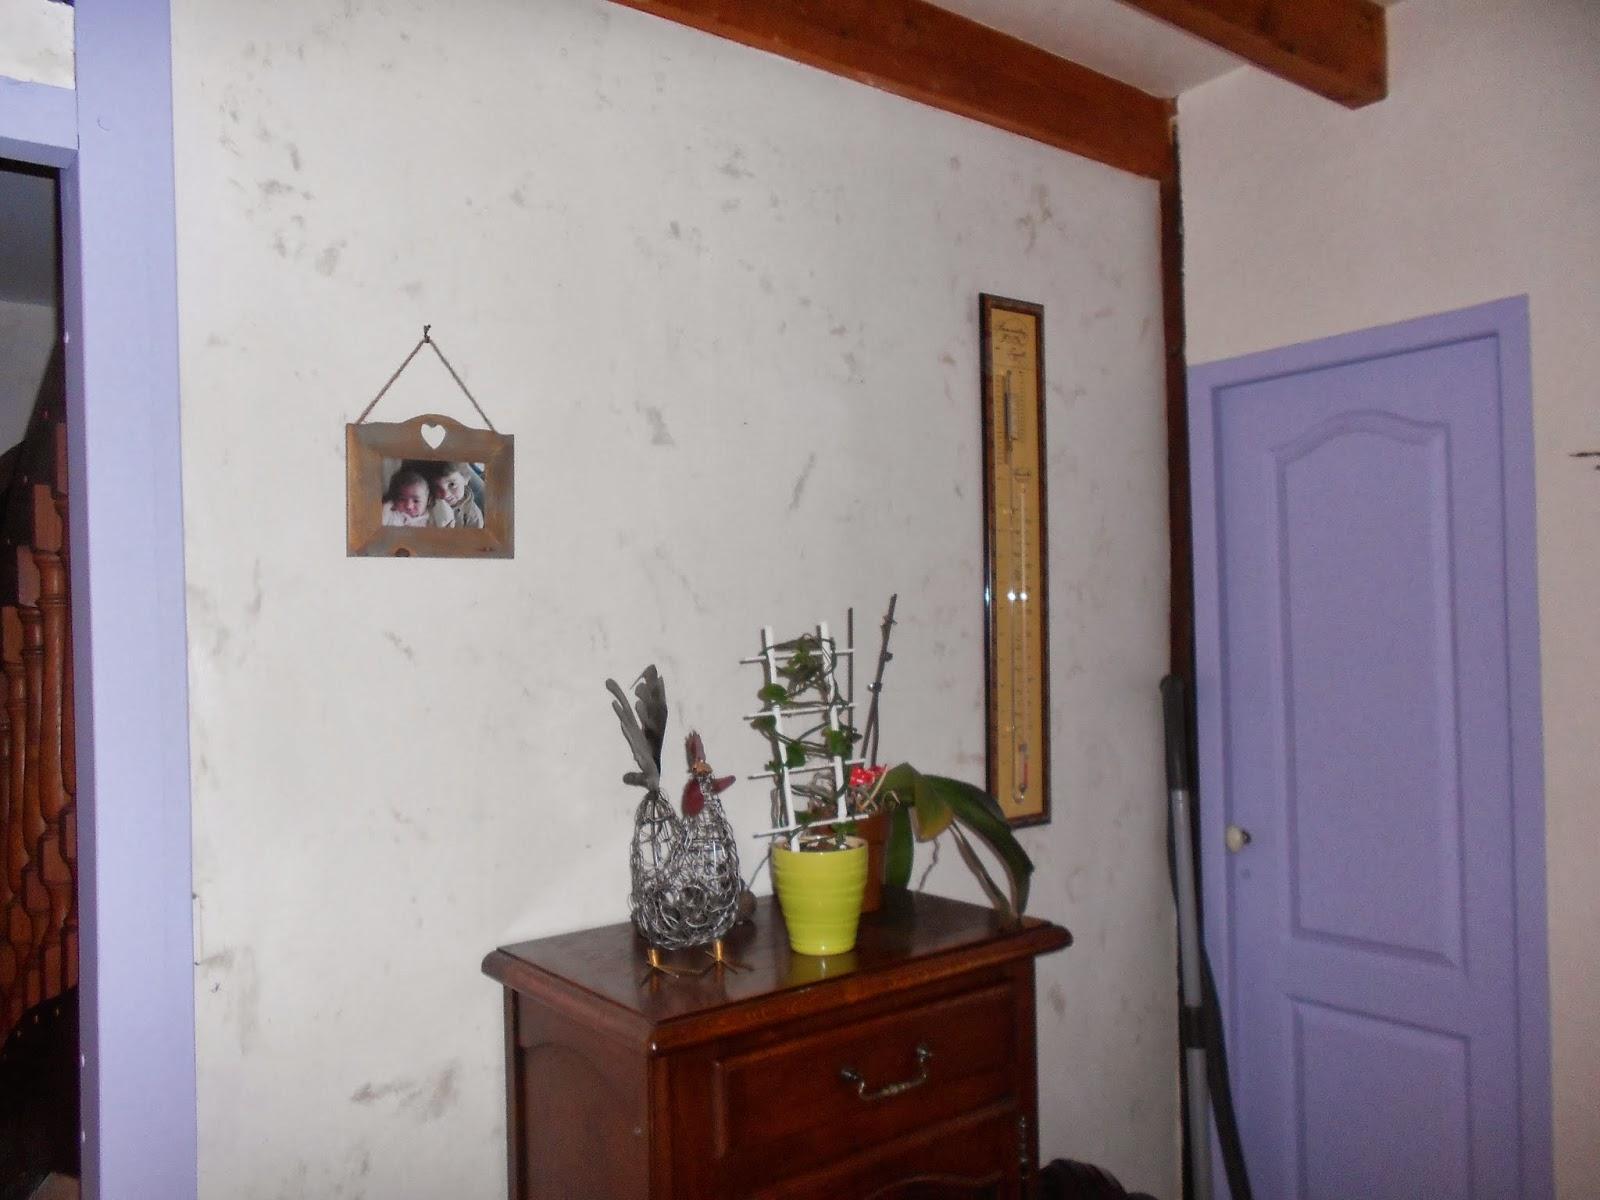 fabien roy eirl roy entreprise peinture bandes de plaques. Black Bedroom Furniture Sets. Home Design Ideas